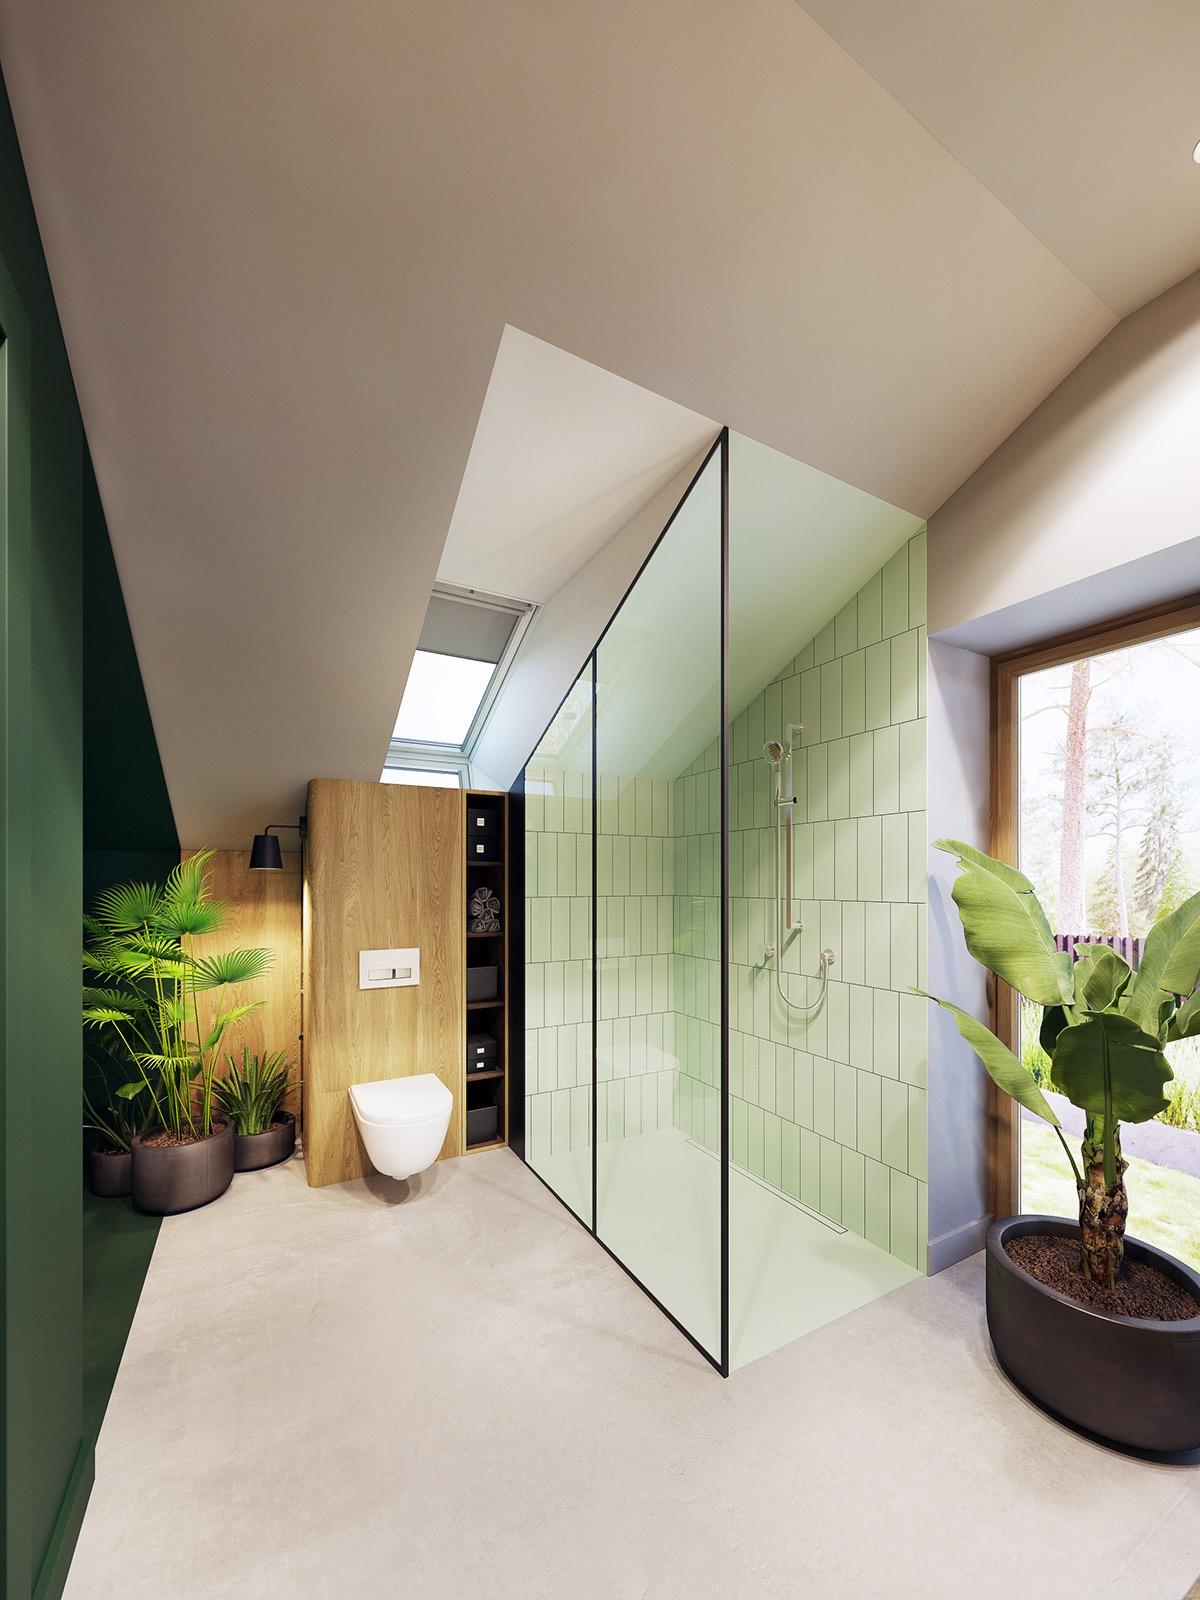 Изумрудная Зелень в Интерьере: фотообзор современного пространства